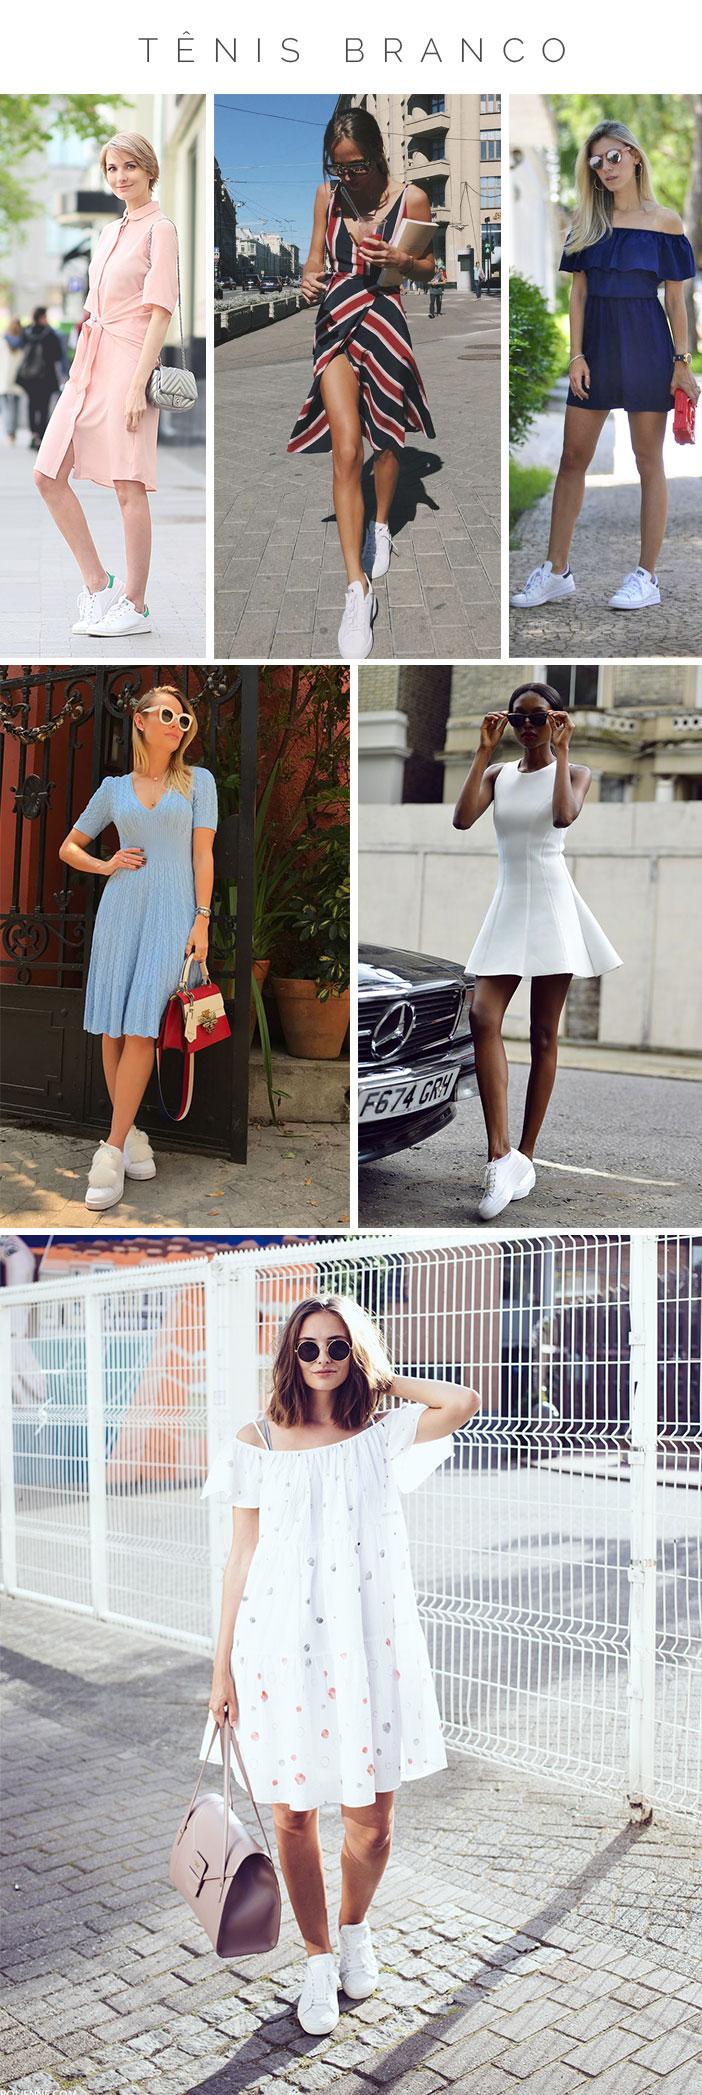 Como usar vestido com tênis - Tênis branco